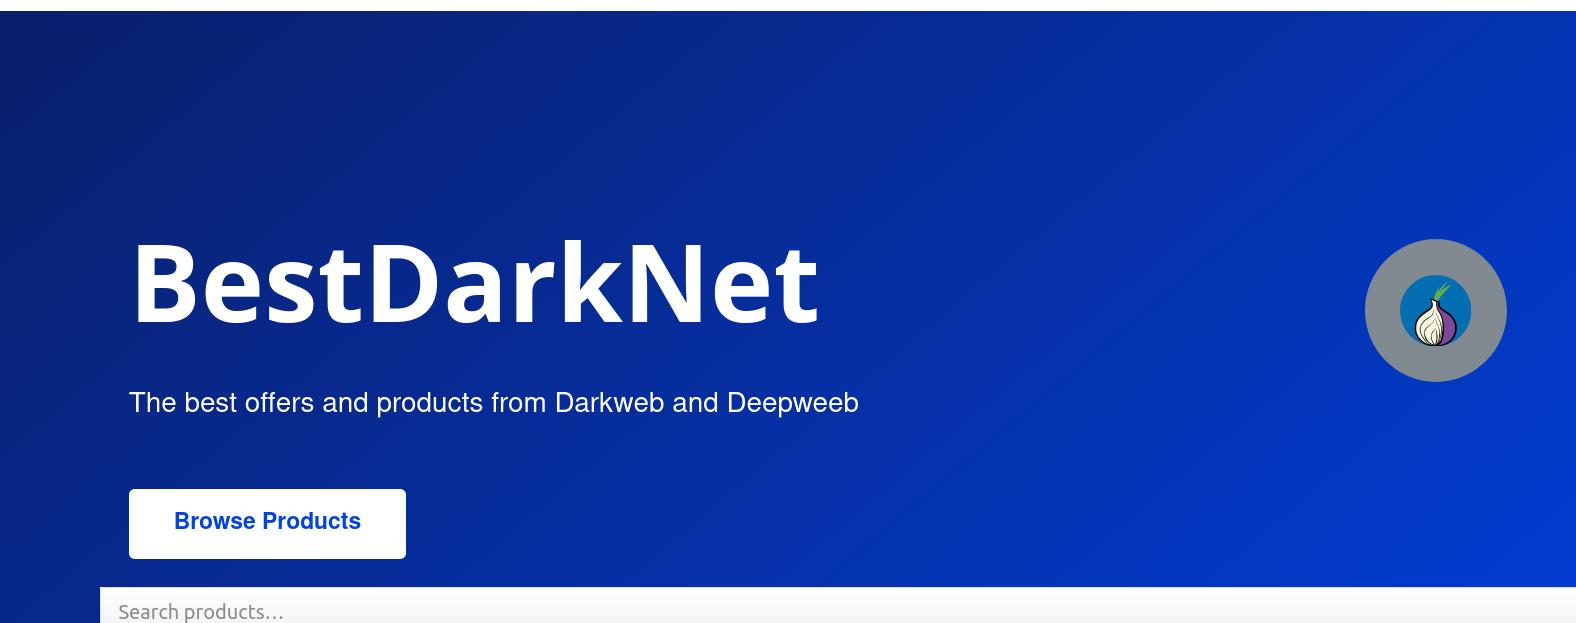 Bestdarknet.com